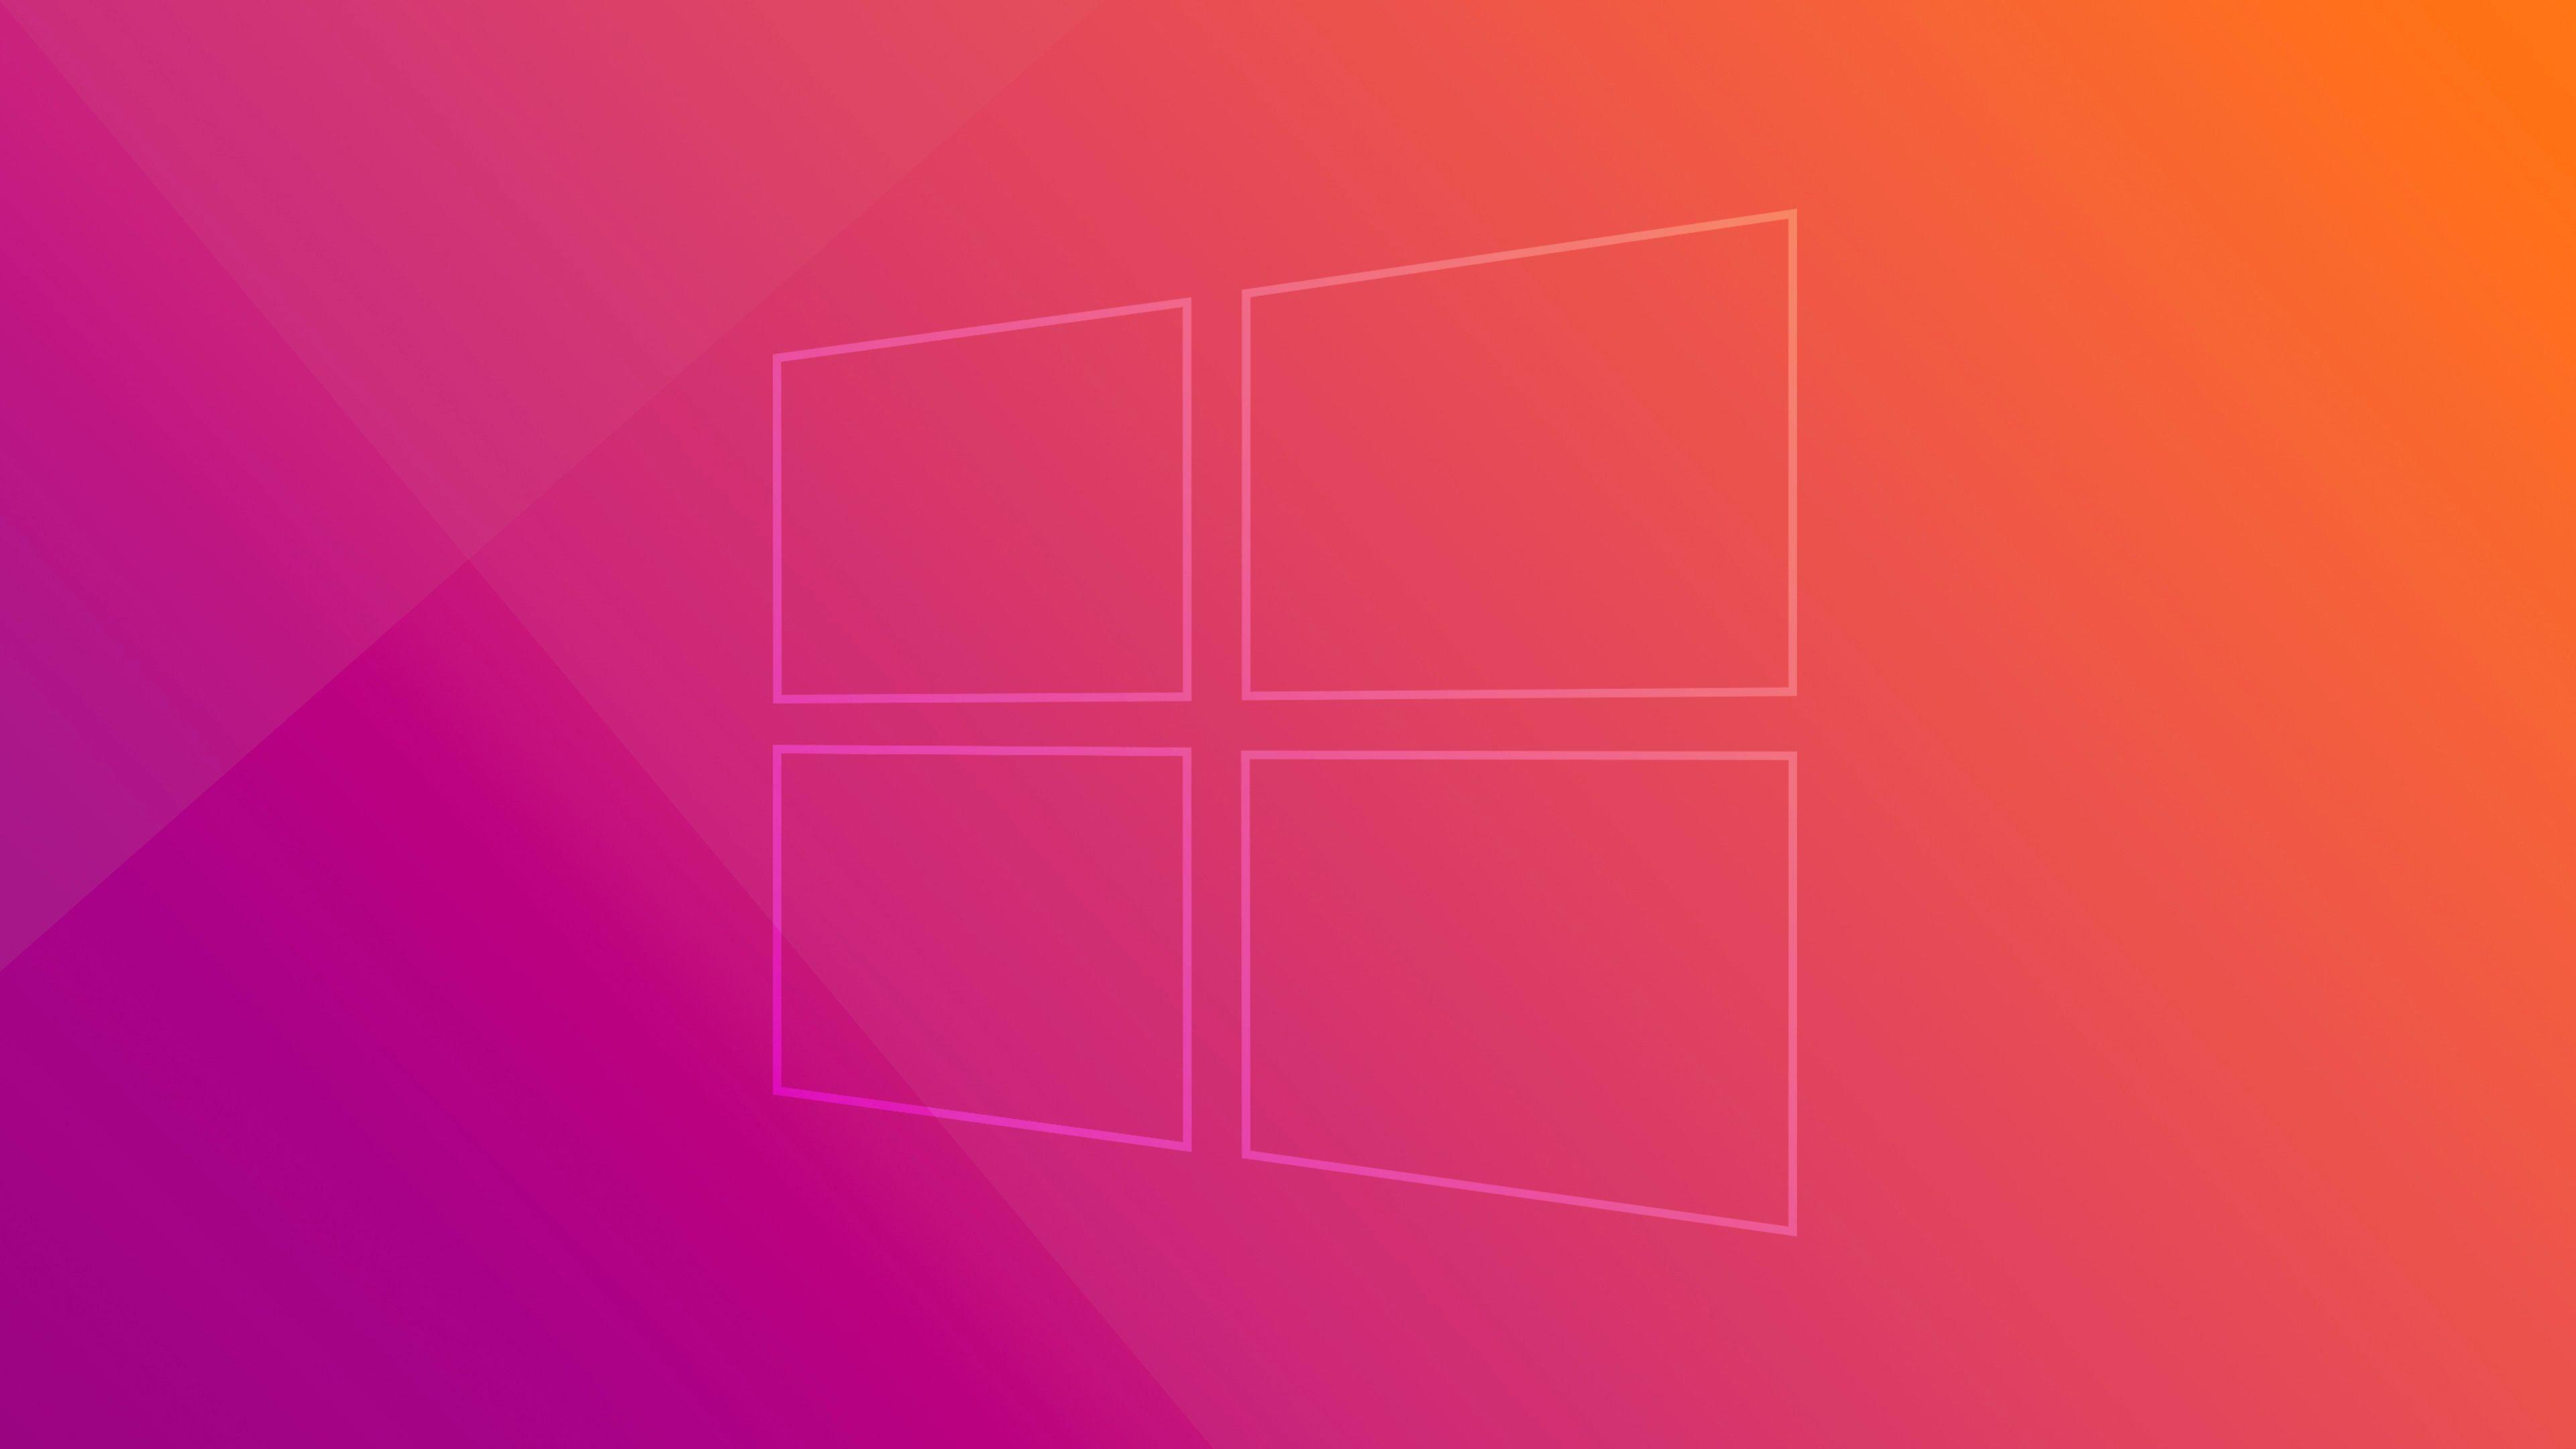 Windows 10 Microsoft Gradient Minimalism Cursed Trash 3840x2160 Wallpaper Wallhaven Cc Microsoft Wallpaper 3840x2160 Wallpaper Windows 10